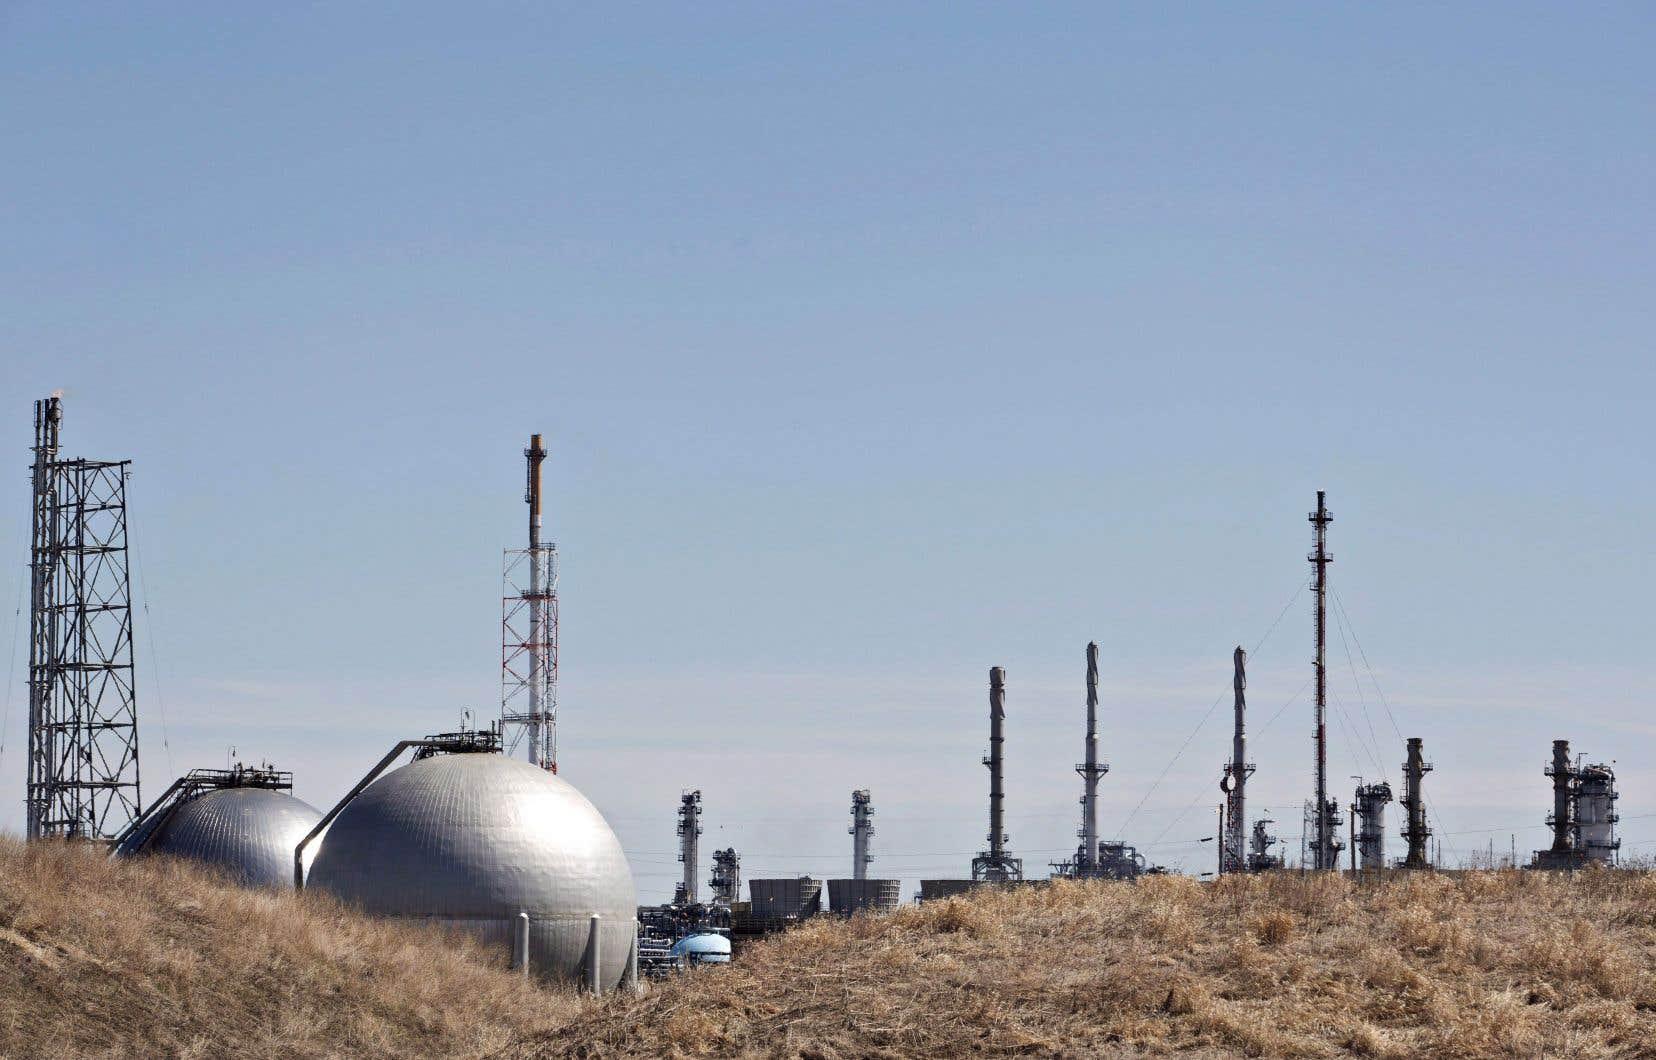 Le Comité sénatorial de l'énergie, de l'environnement et des ressources naturelles rappelle que l'industrie des énergies fossiles suit une trajectoire de forte croissance des émissions de gaz à effet de serre.